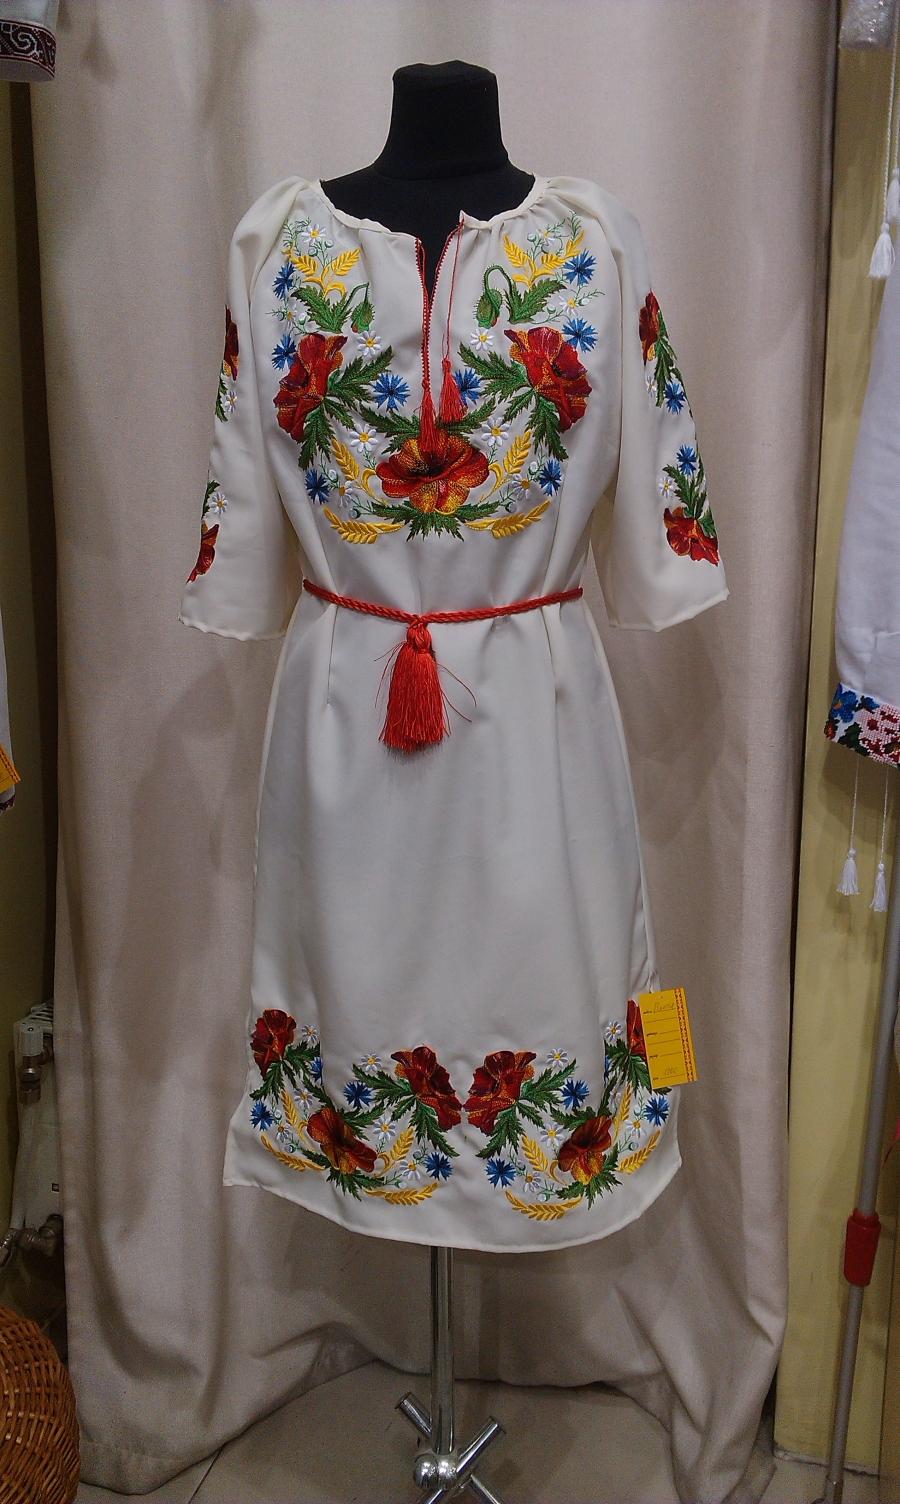 плаття польові квіти. цена  1000 грн. Машинна вишивка. Жіночий одяг c37089d7fc3ce